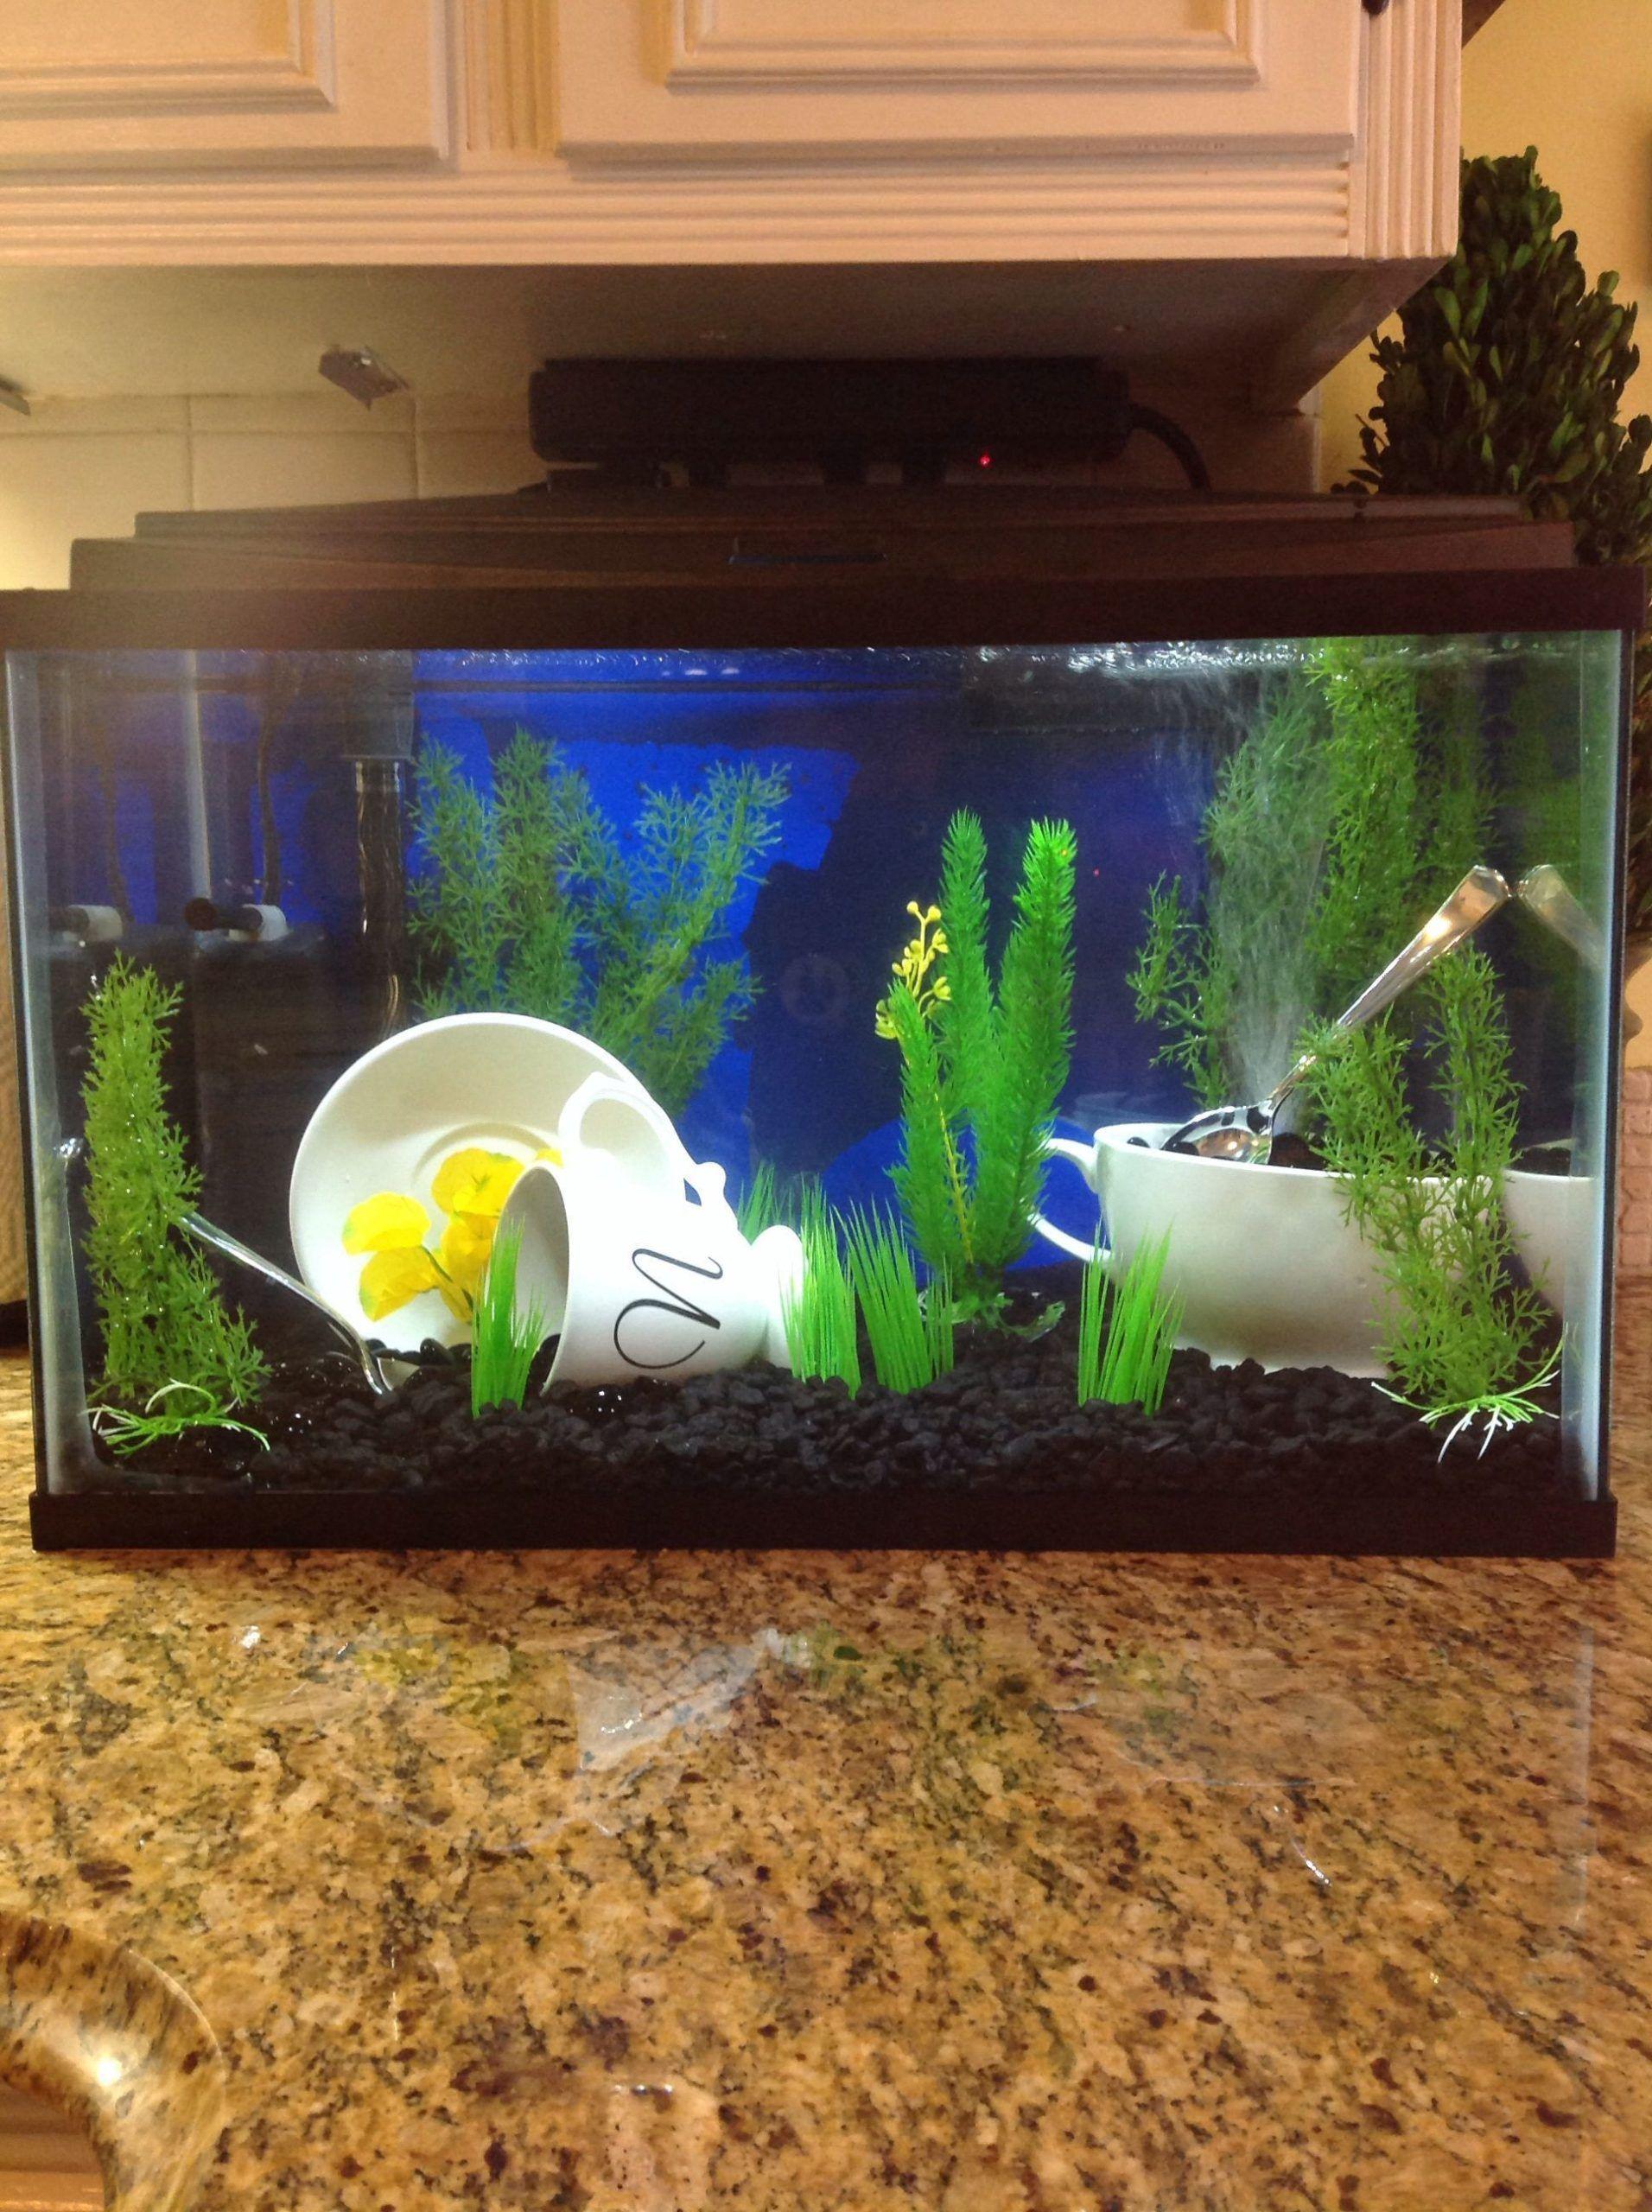 Ich Teile Mein Neues Aquarium Mit Kaffeethema Das Sich In Meiner Kuche Befindet Luftblasen In 2020 Fish Tank Bubbler Kitchen Themes